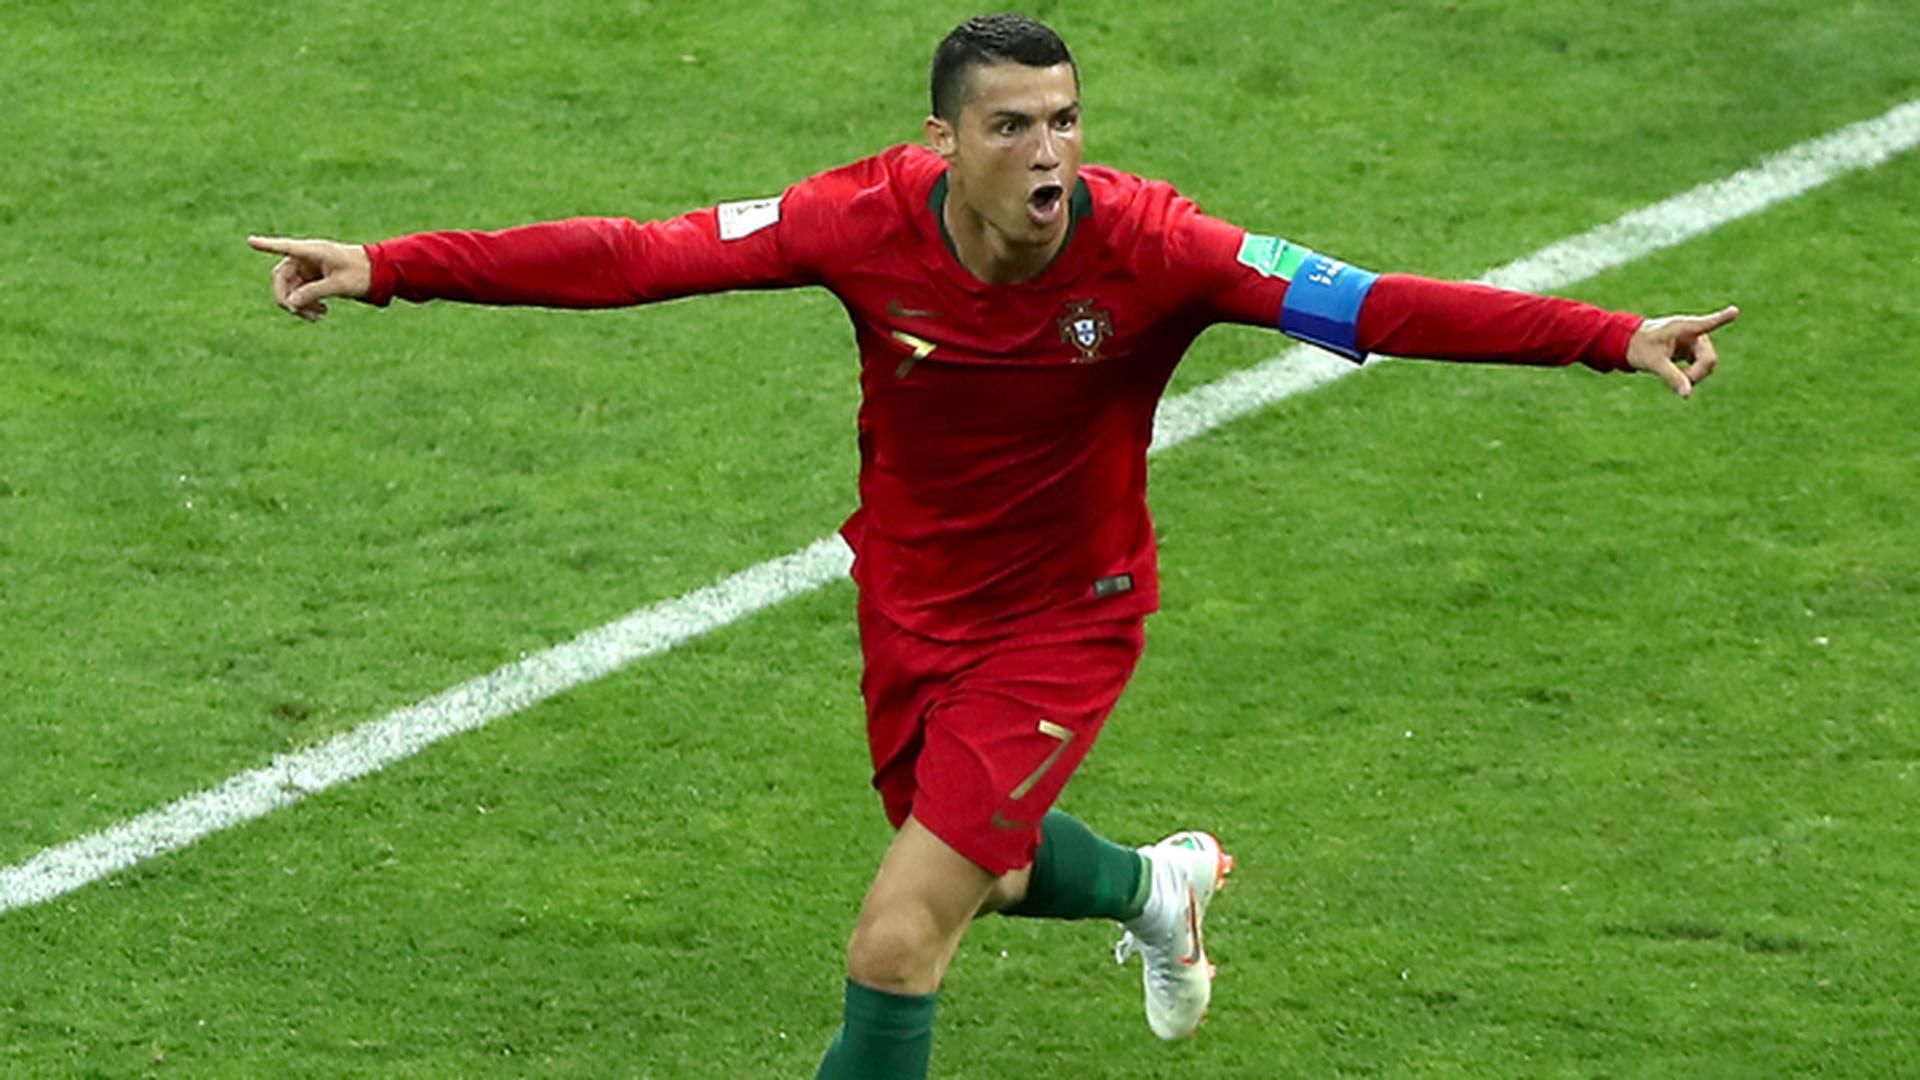 Роналду гордится своим выступлением на чемпионате мира